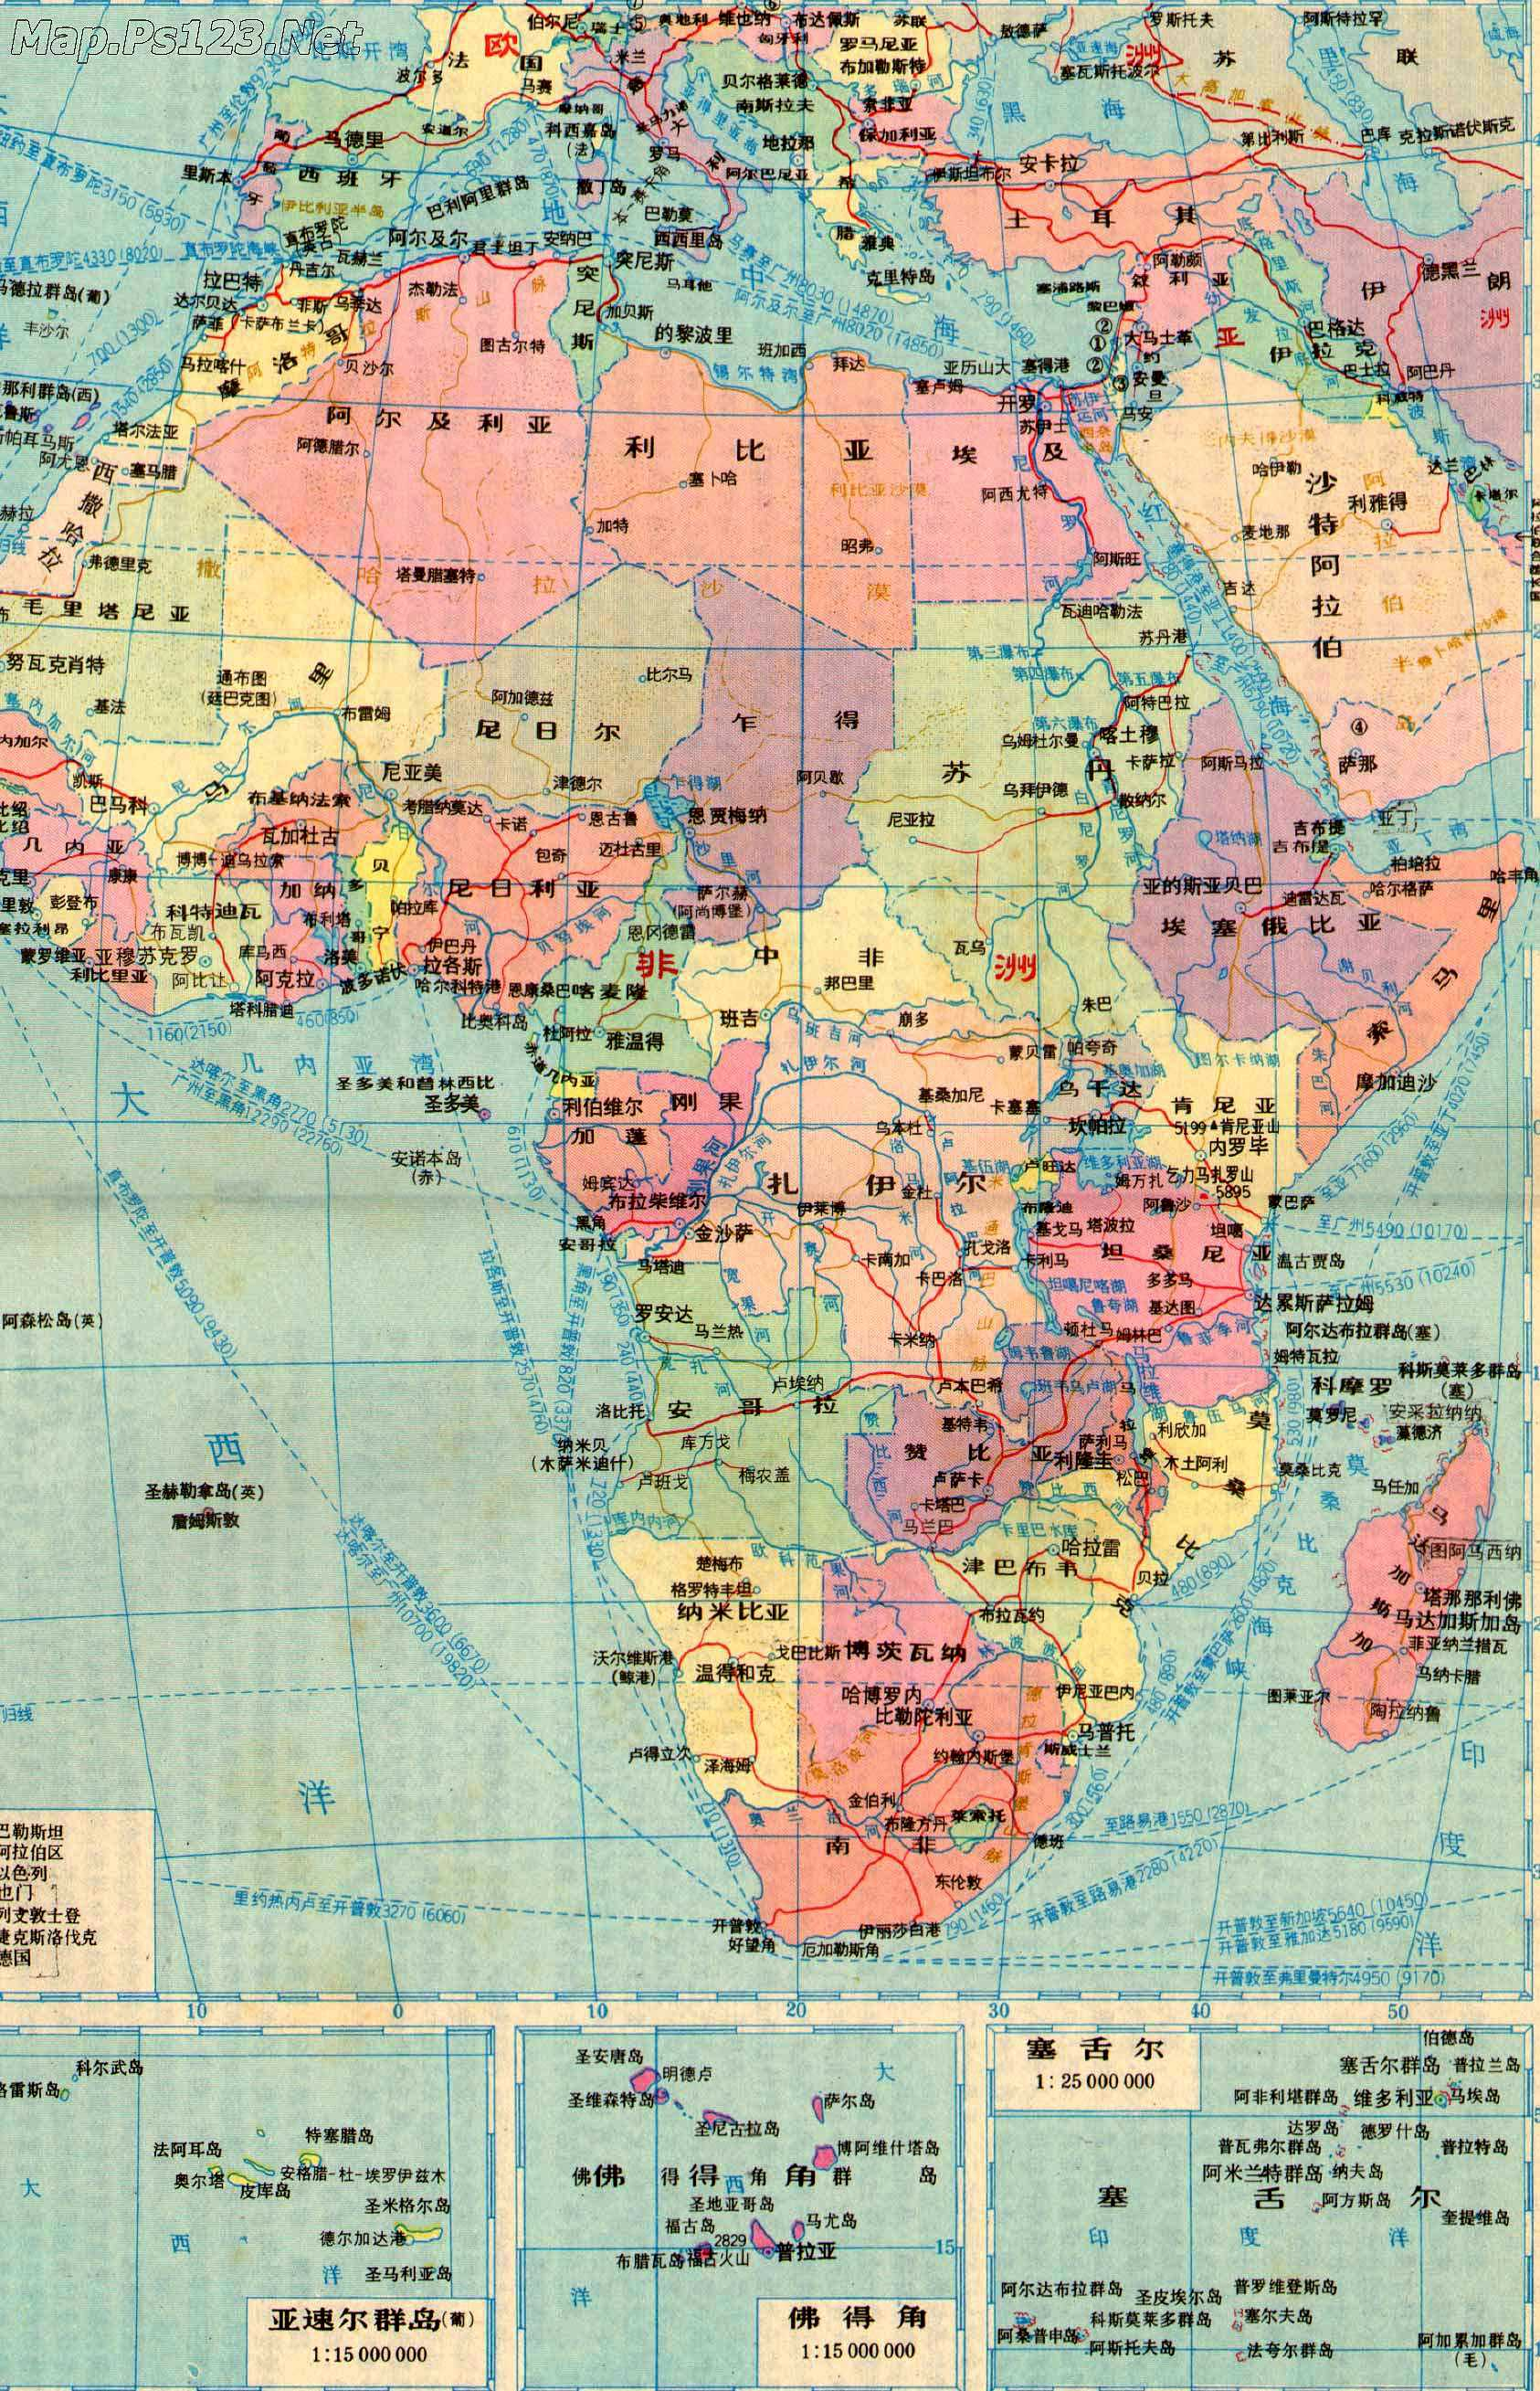 非洲全图图库:上海闵行区地图全图:原始非洲艳昭门